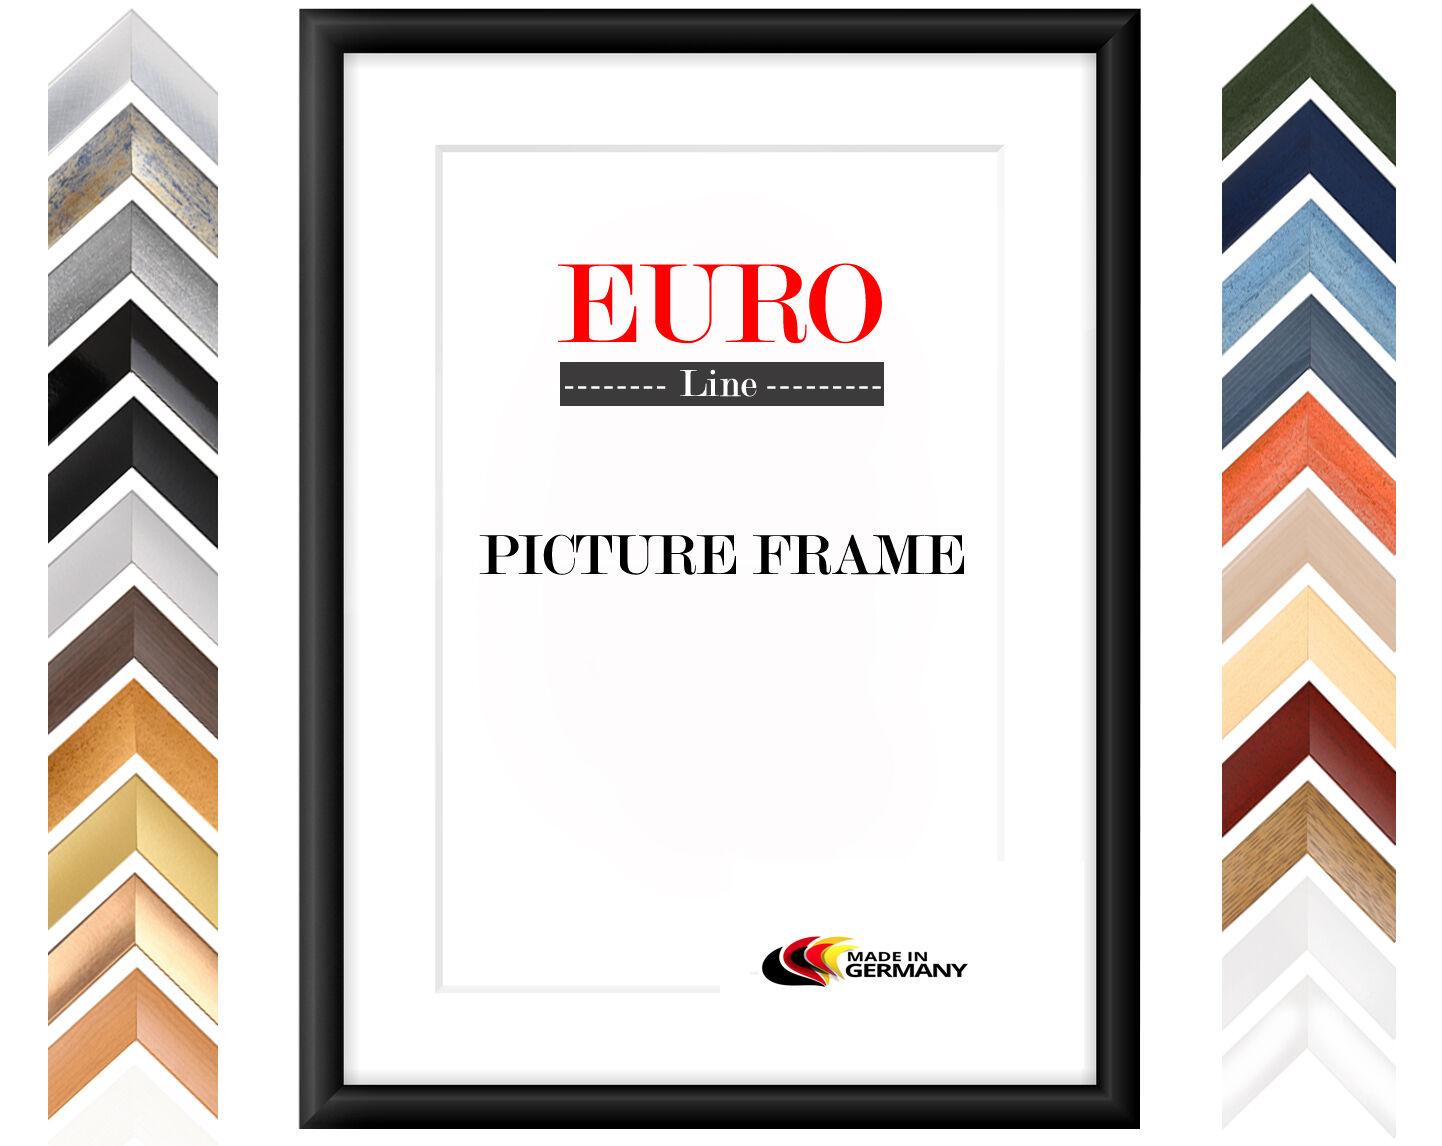 EUROLINE35 Bilderrahmen 95x127 oder 127x95 cm mit entspiegeltem Acrylglas